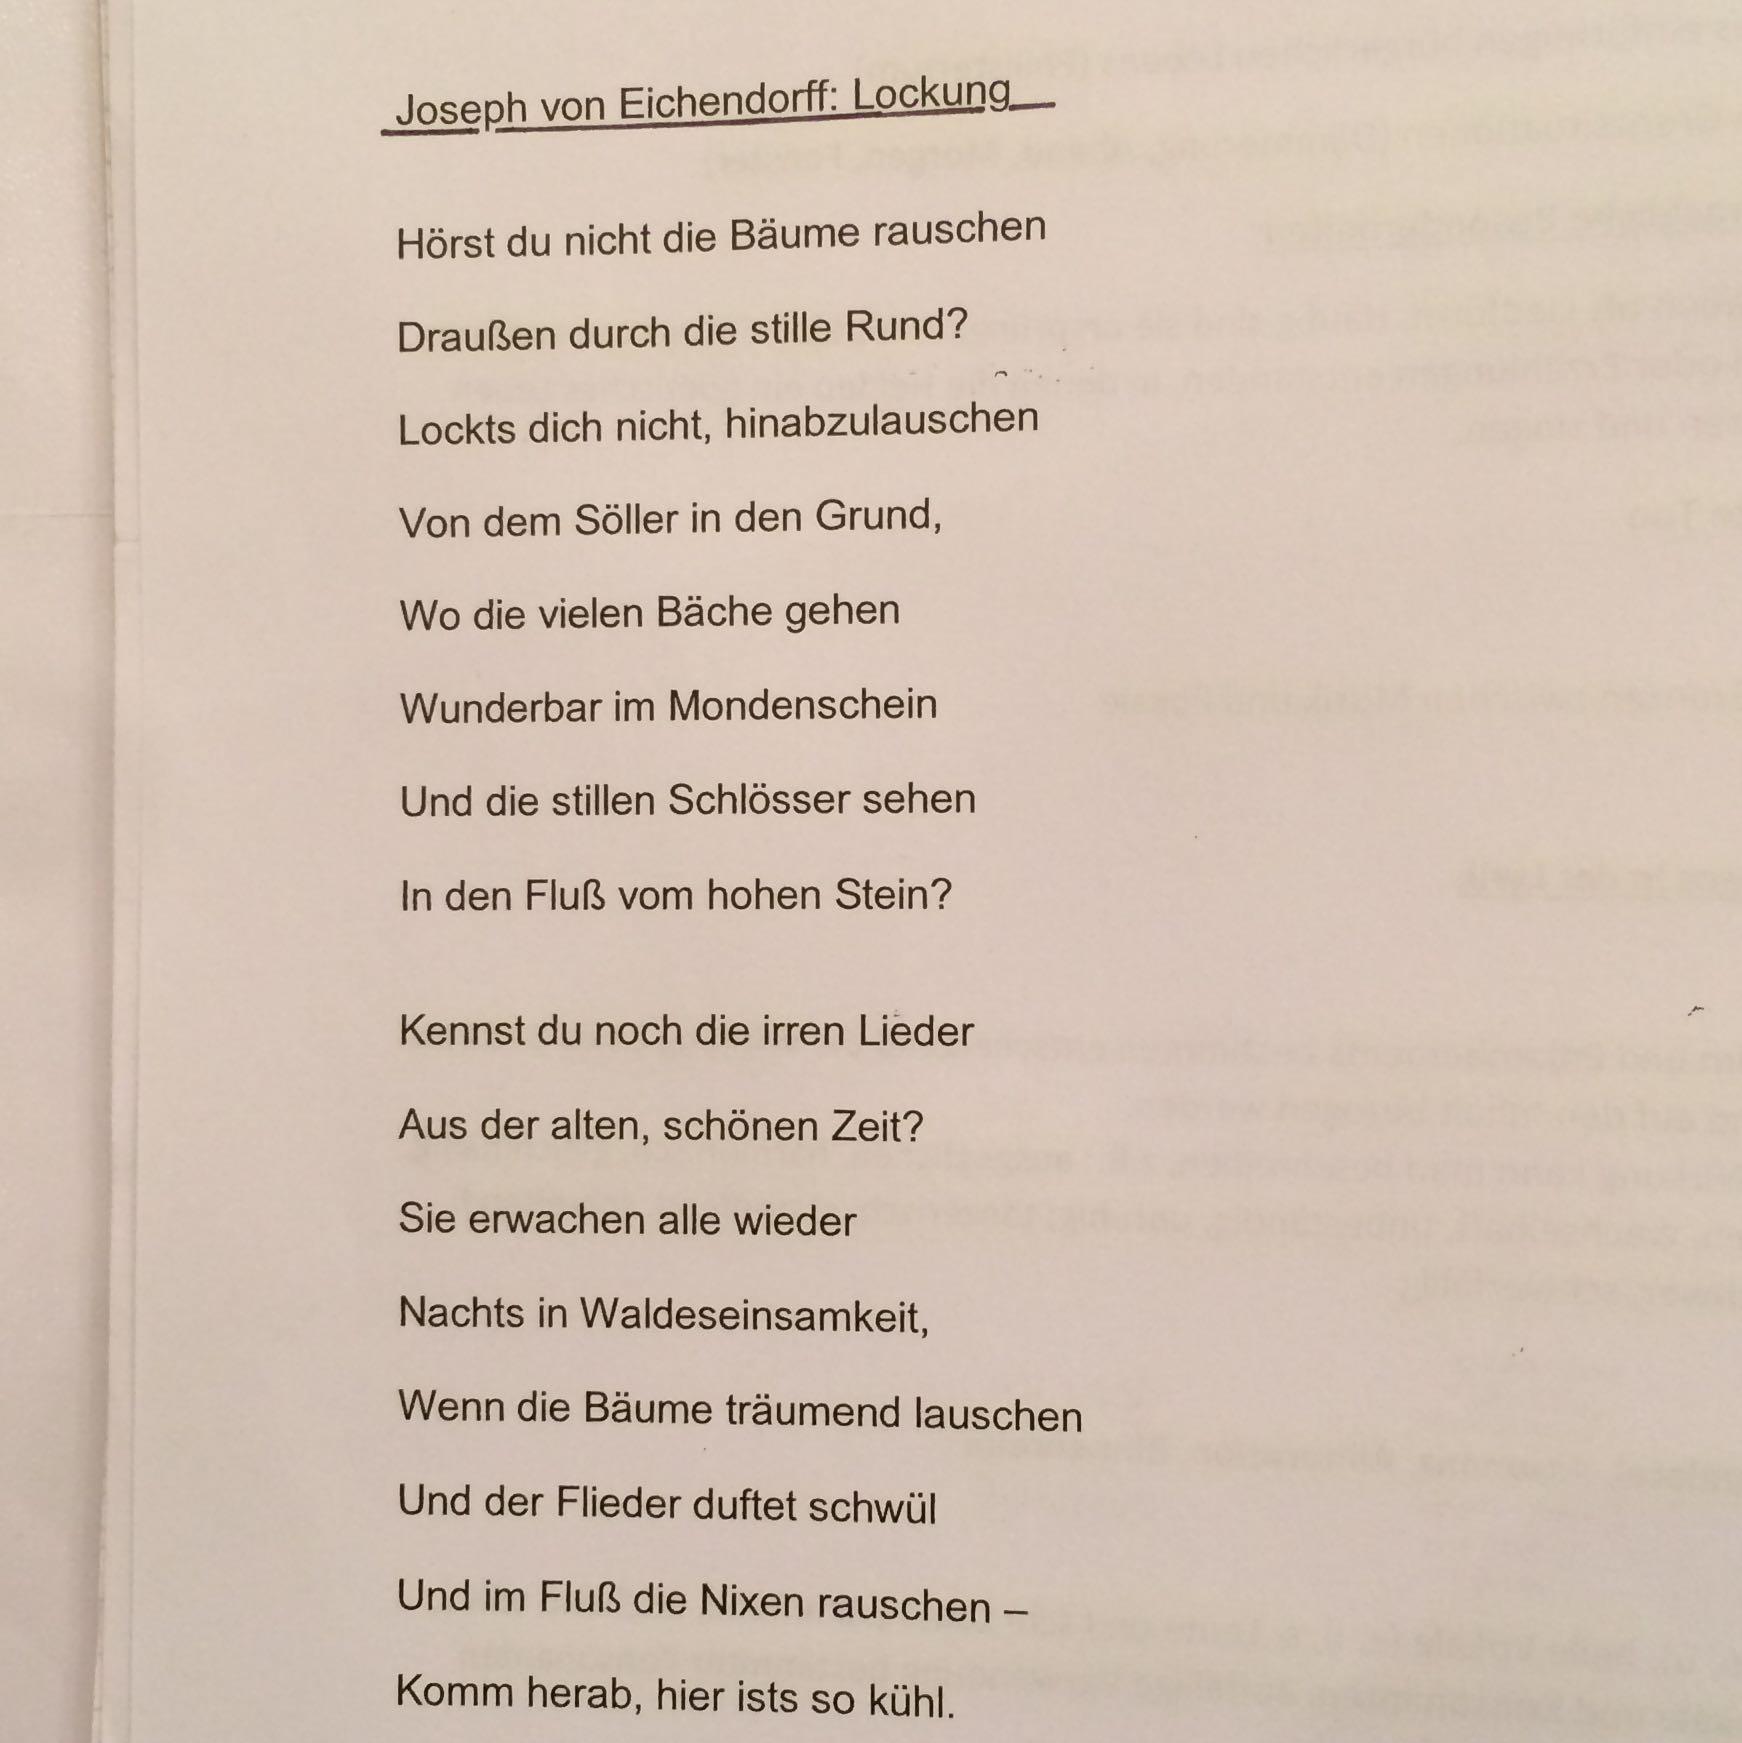 Großartig Eine Zusammenfassung Des Gedichts Schreiben Fotos ...